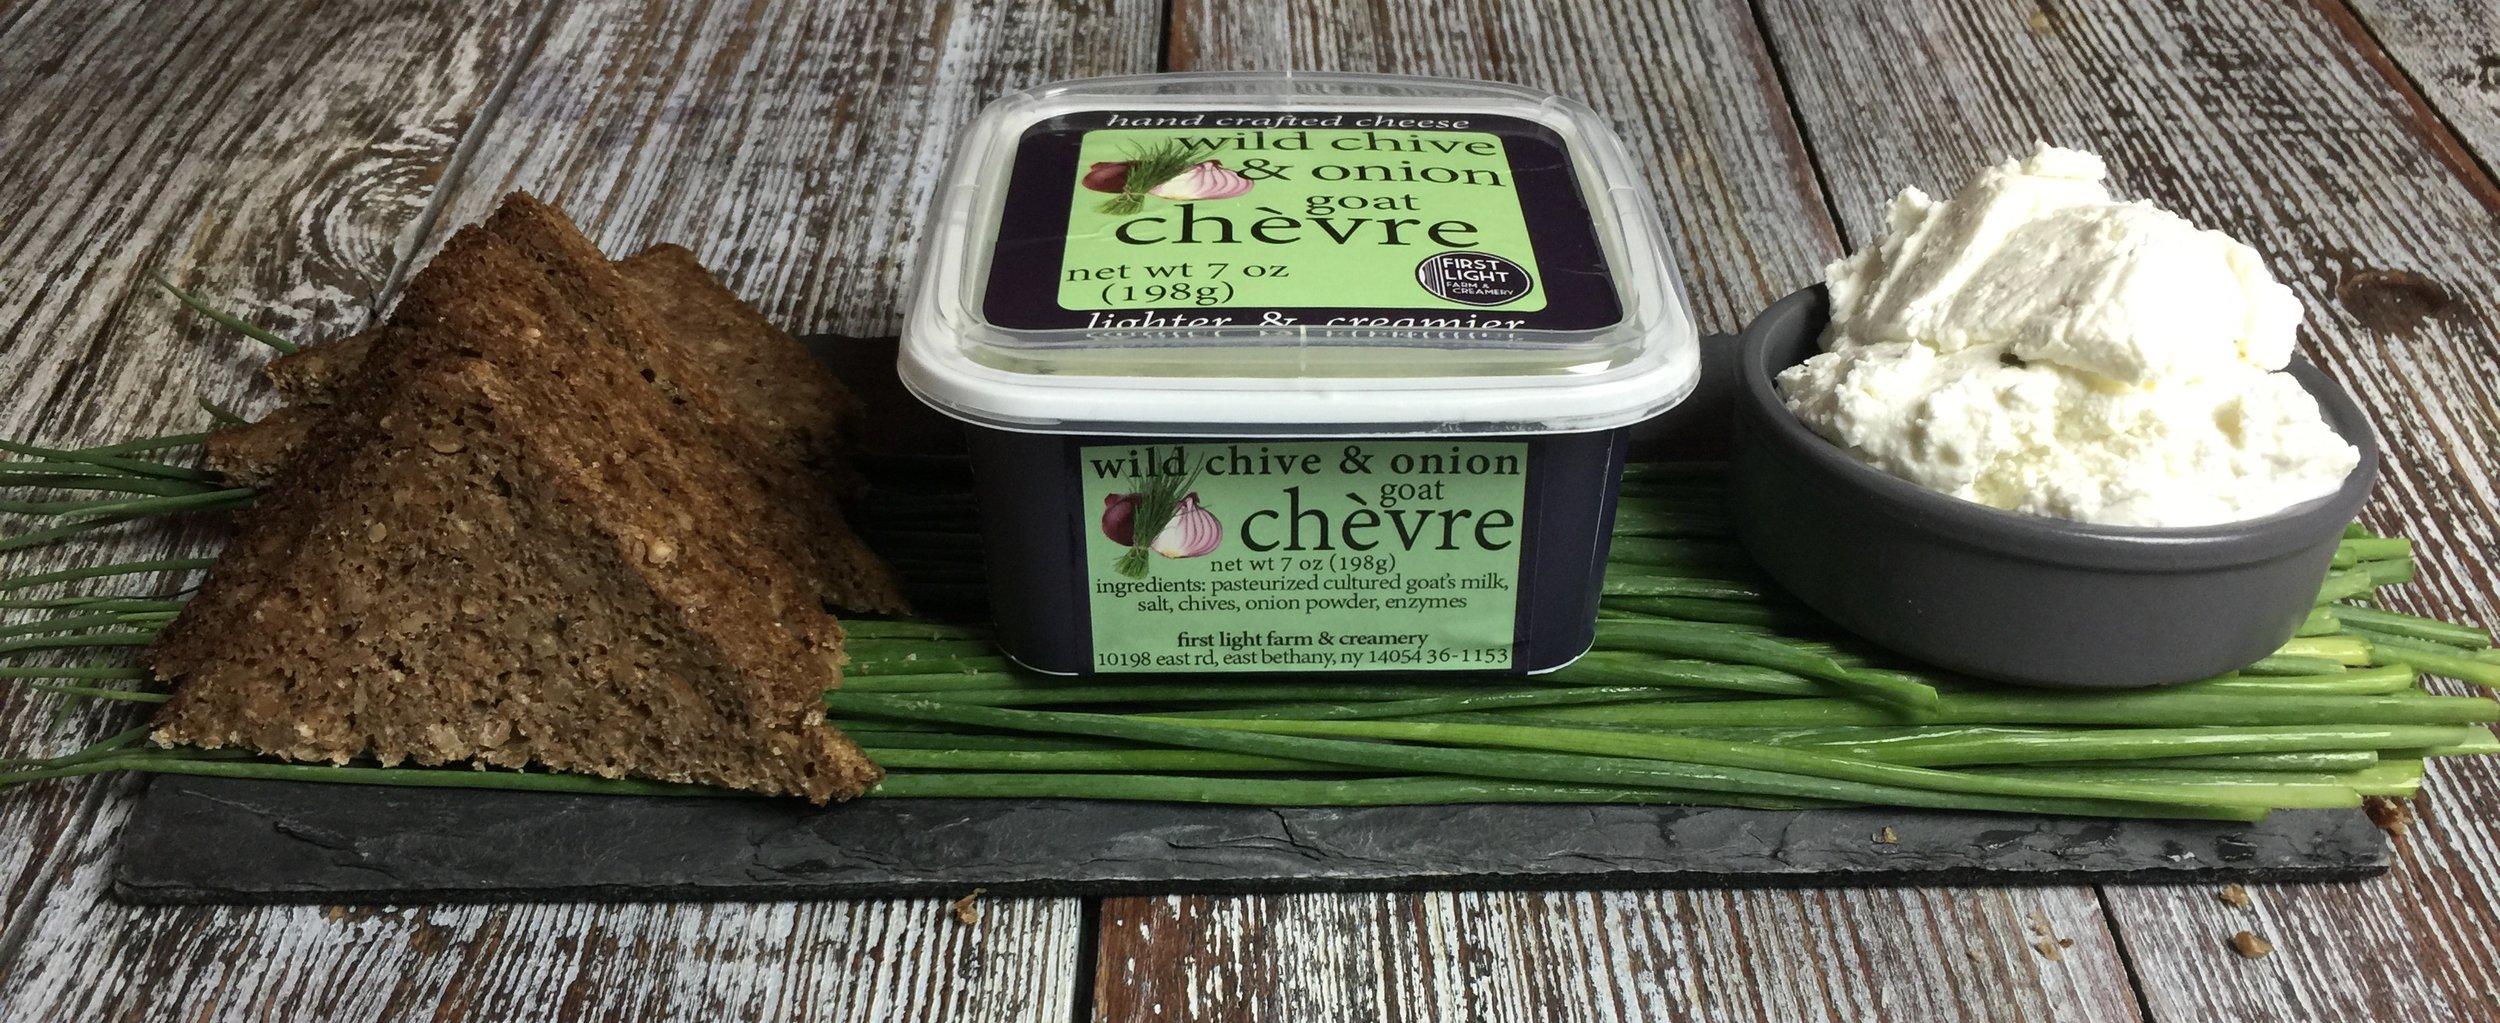 Wild Chive & Onion Chevre debuts!